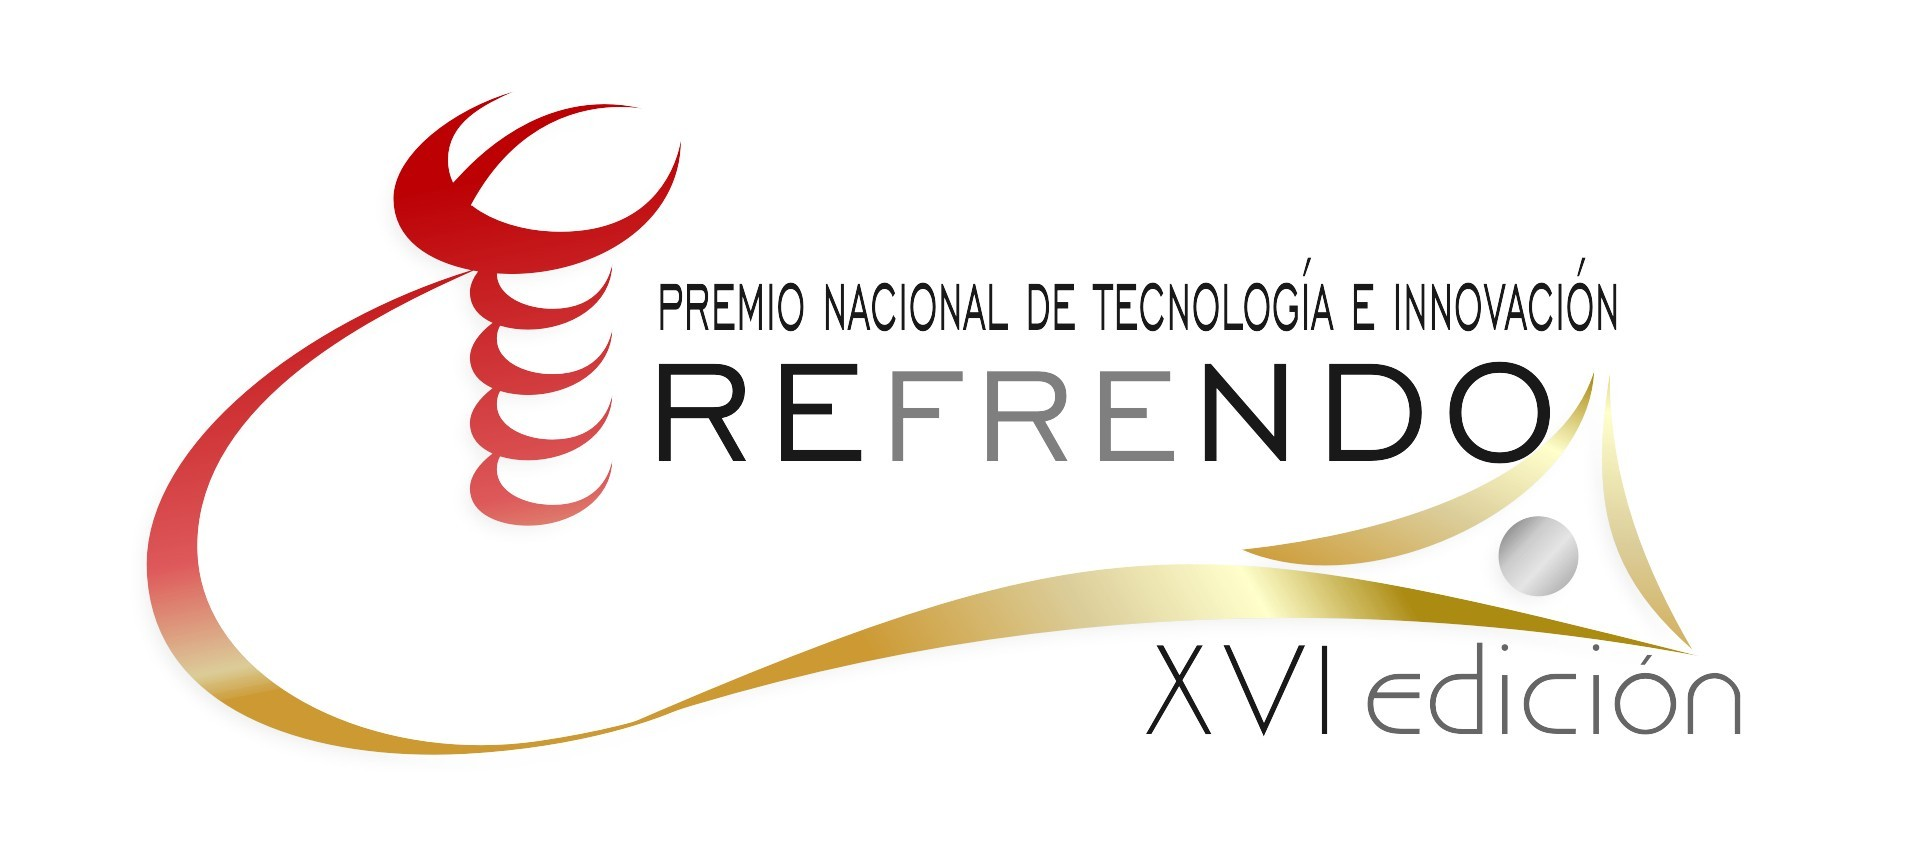 Refrendo Premio Nacional de Tecnología e Innovación - XVI Edición